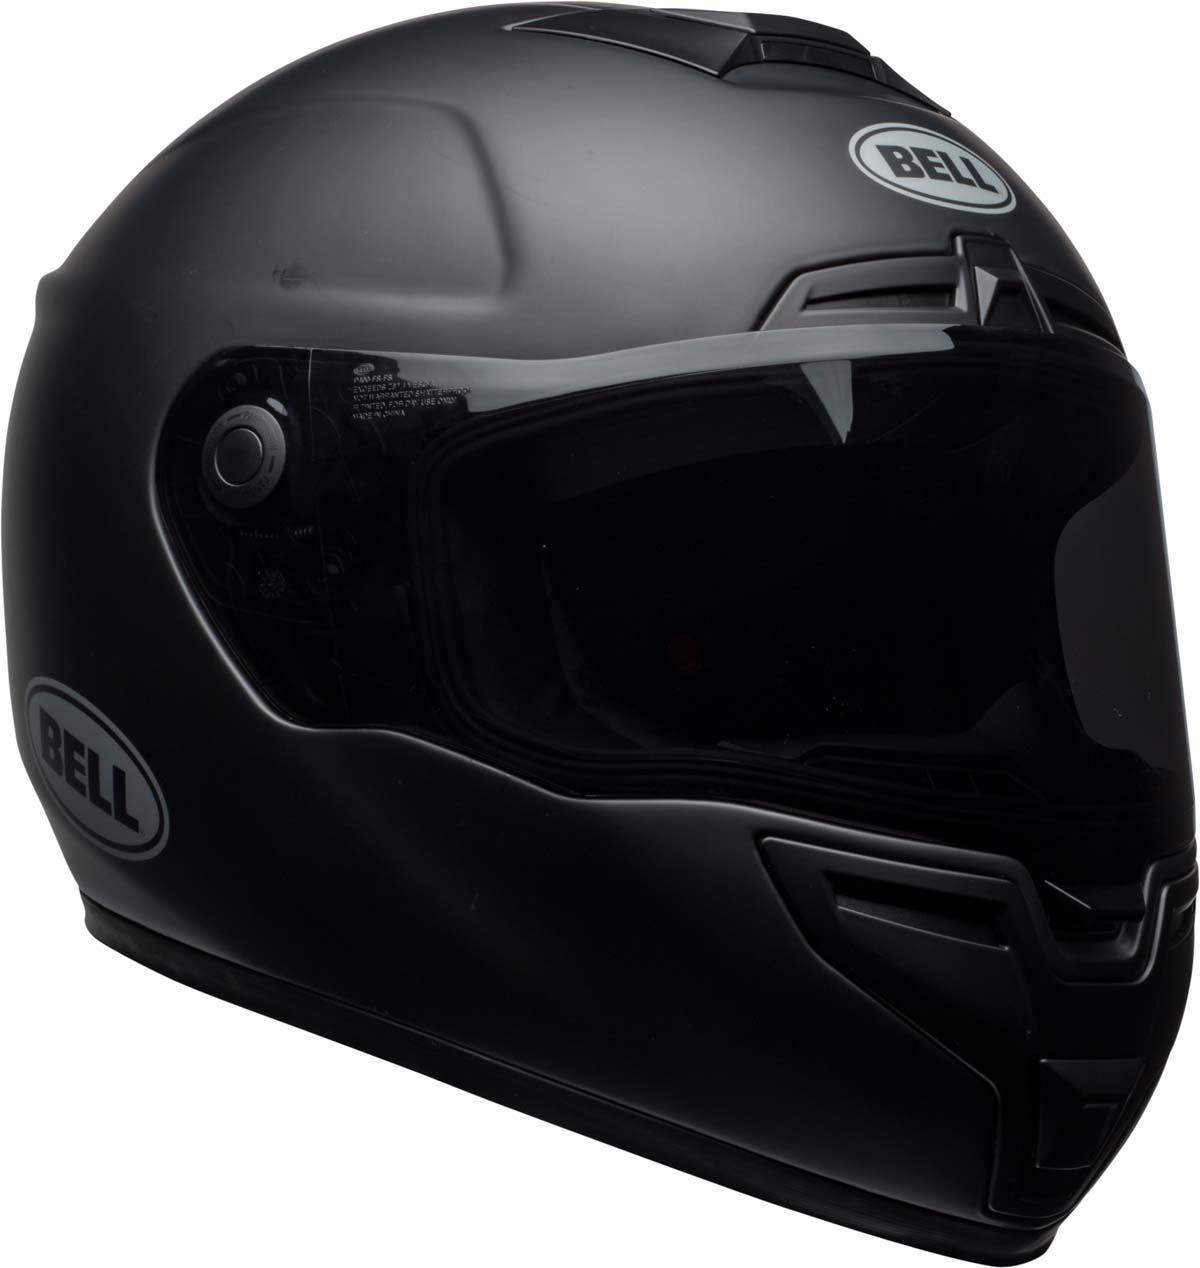 miniature 4 - Bell SRT Helmet Full Face Eyewear Friendly Fiberglass DOT SNELL M2015 XS-2XL